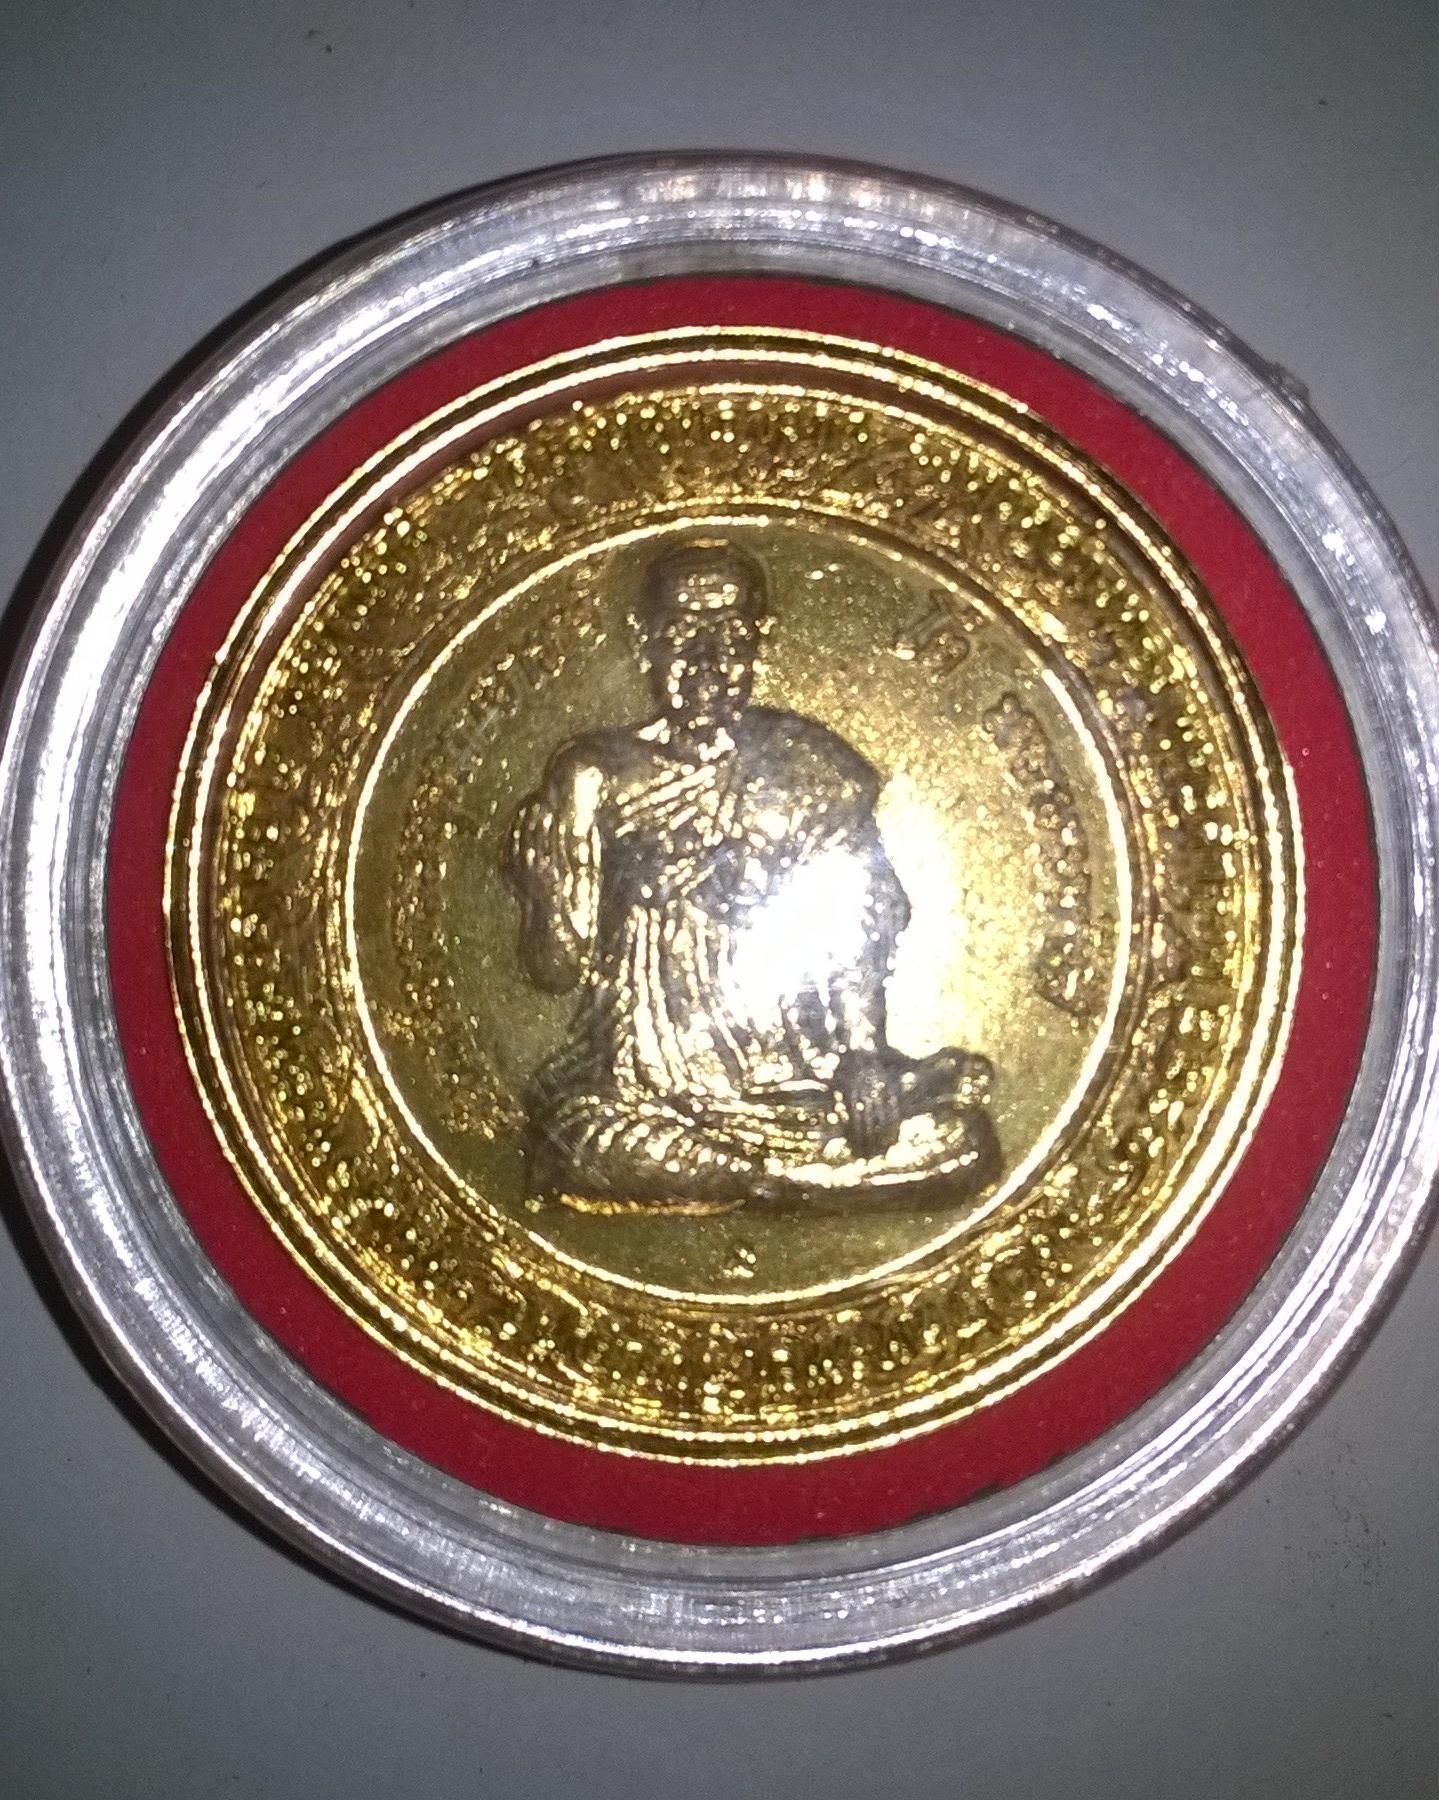 เหรียญสมเด็จพุฒธาจารย์โตพรหมรังษี วัดโล่ห์สุทธาวาส